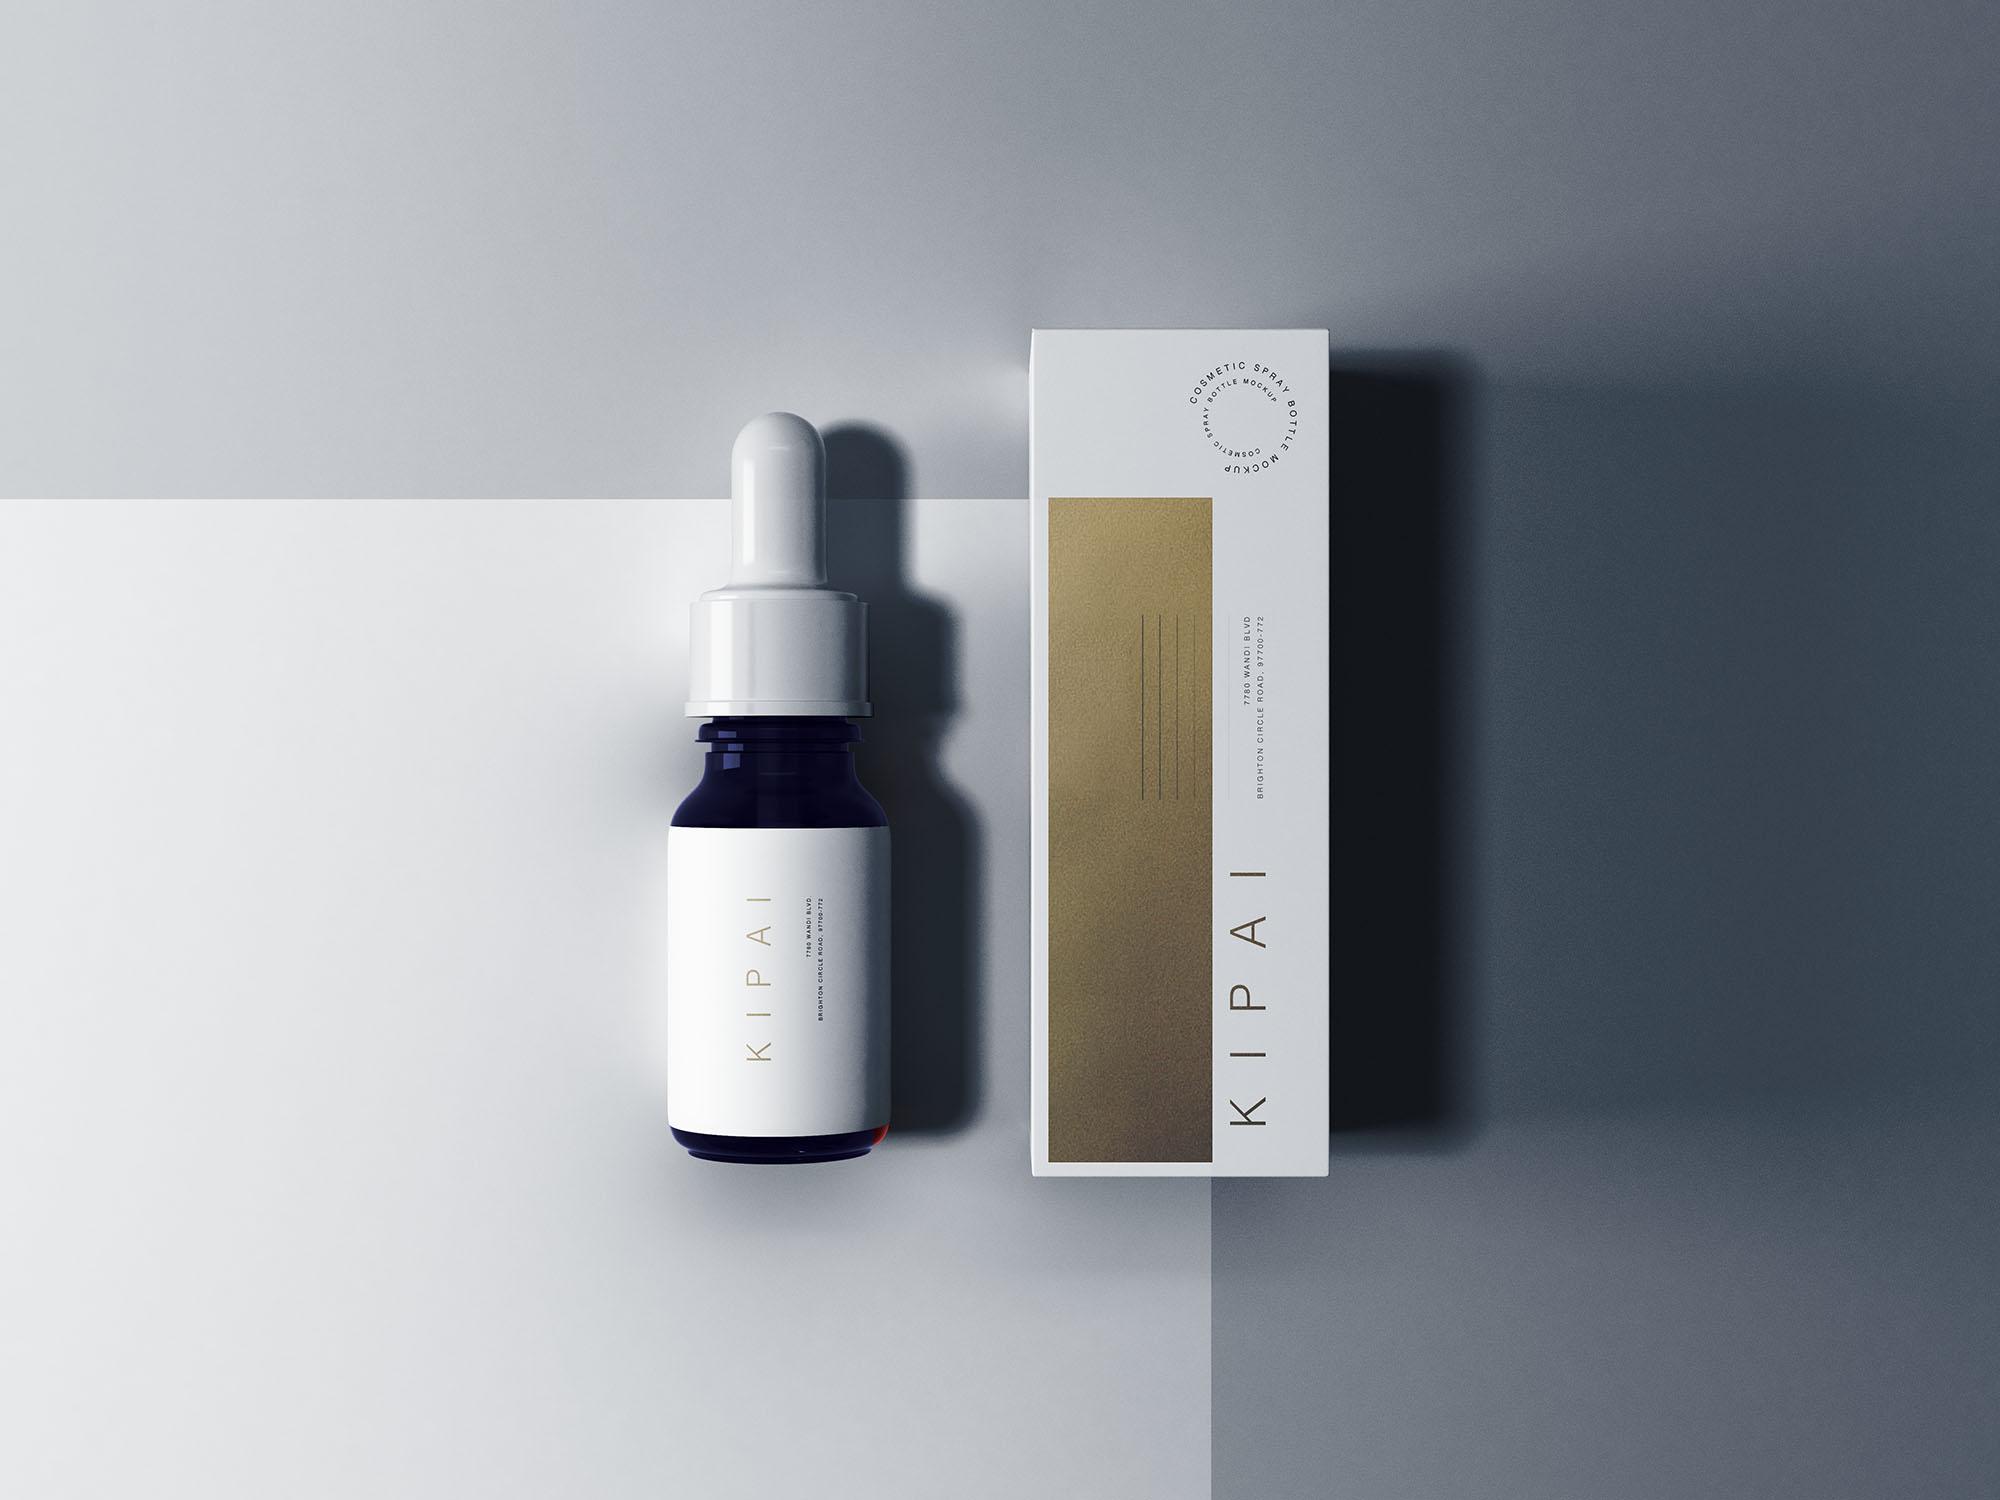 时尚高端滴管瓶药品包装设计VI样机展示模型mockups designshidai_yj655